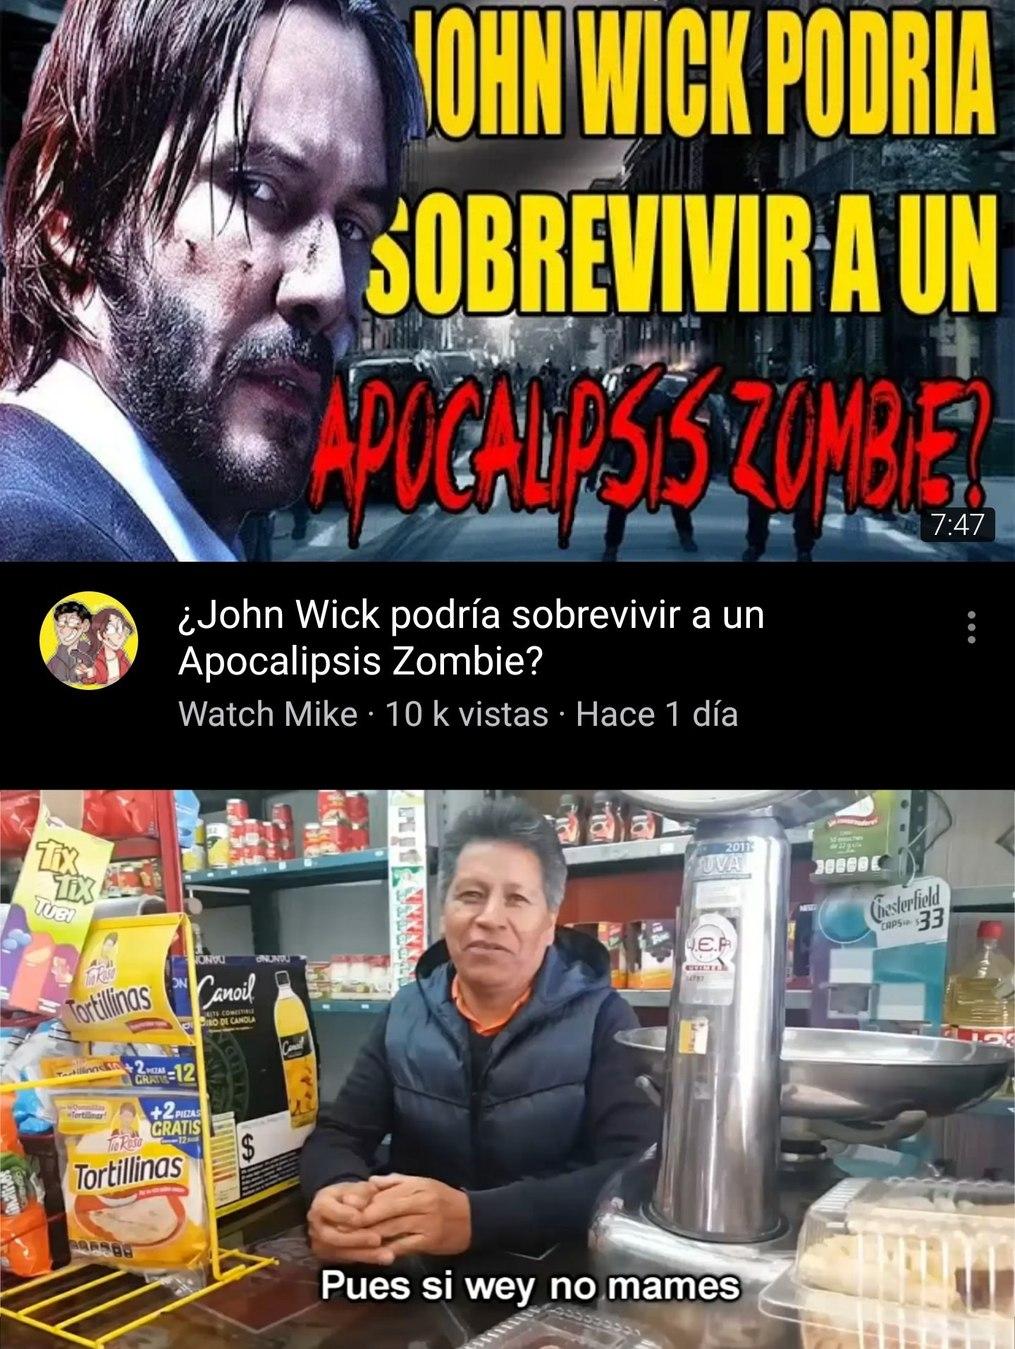 """Vi un comentario que decía: """"La pregunta es Un Apocalipsis Zombie podría sobrevivir a John Wick. - meme"""